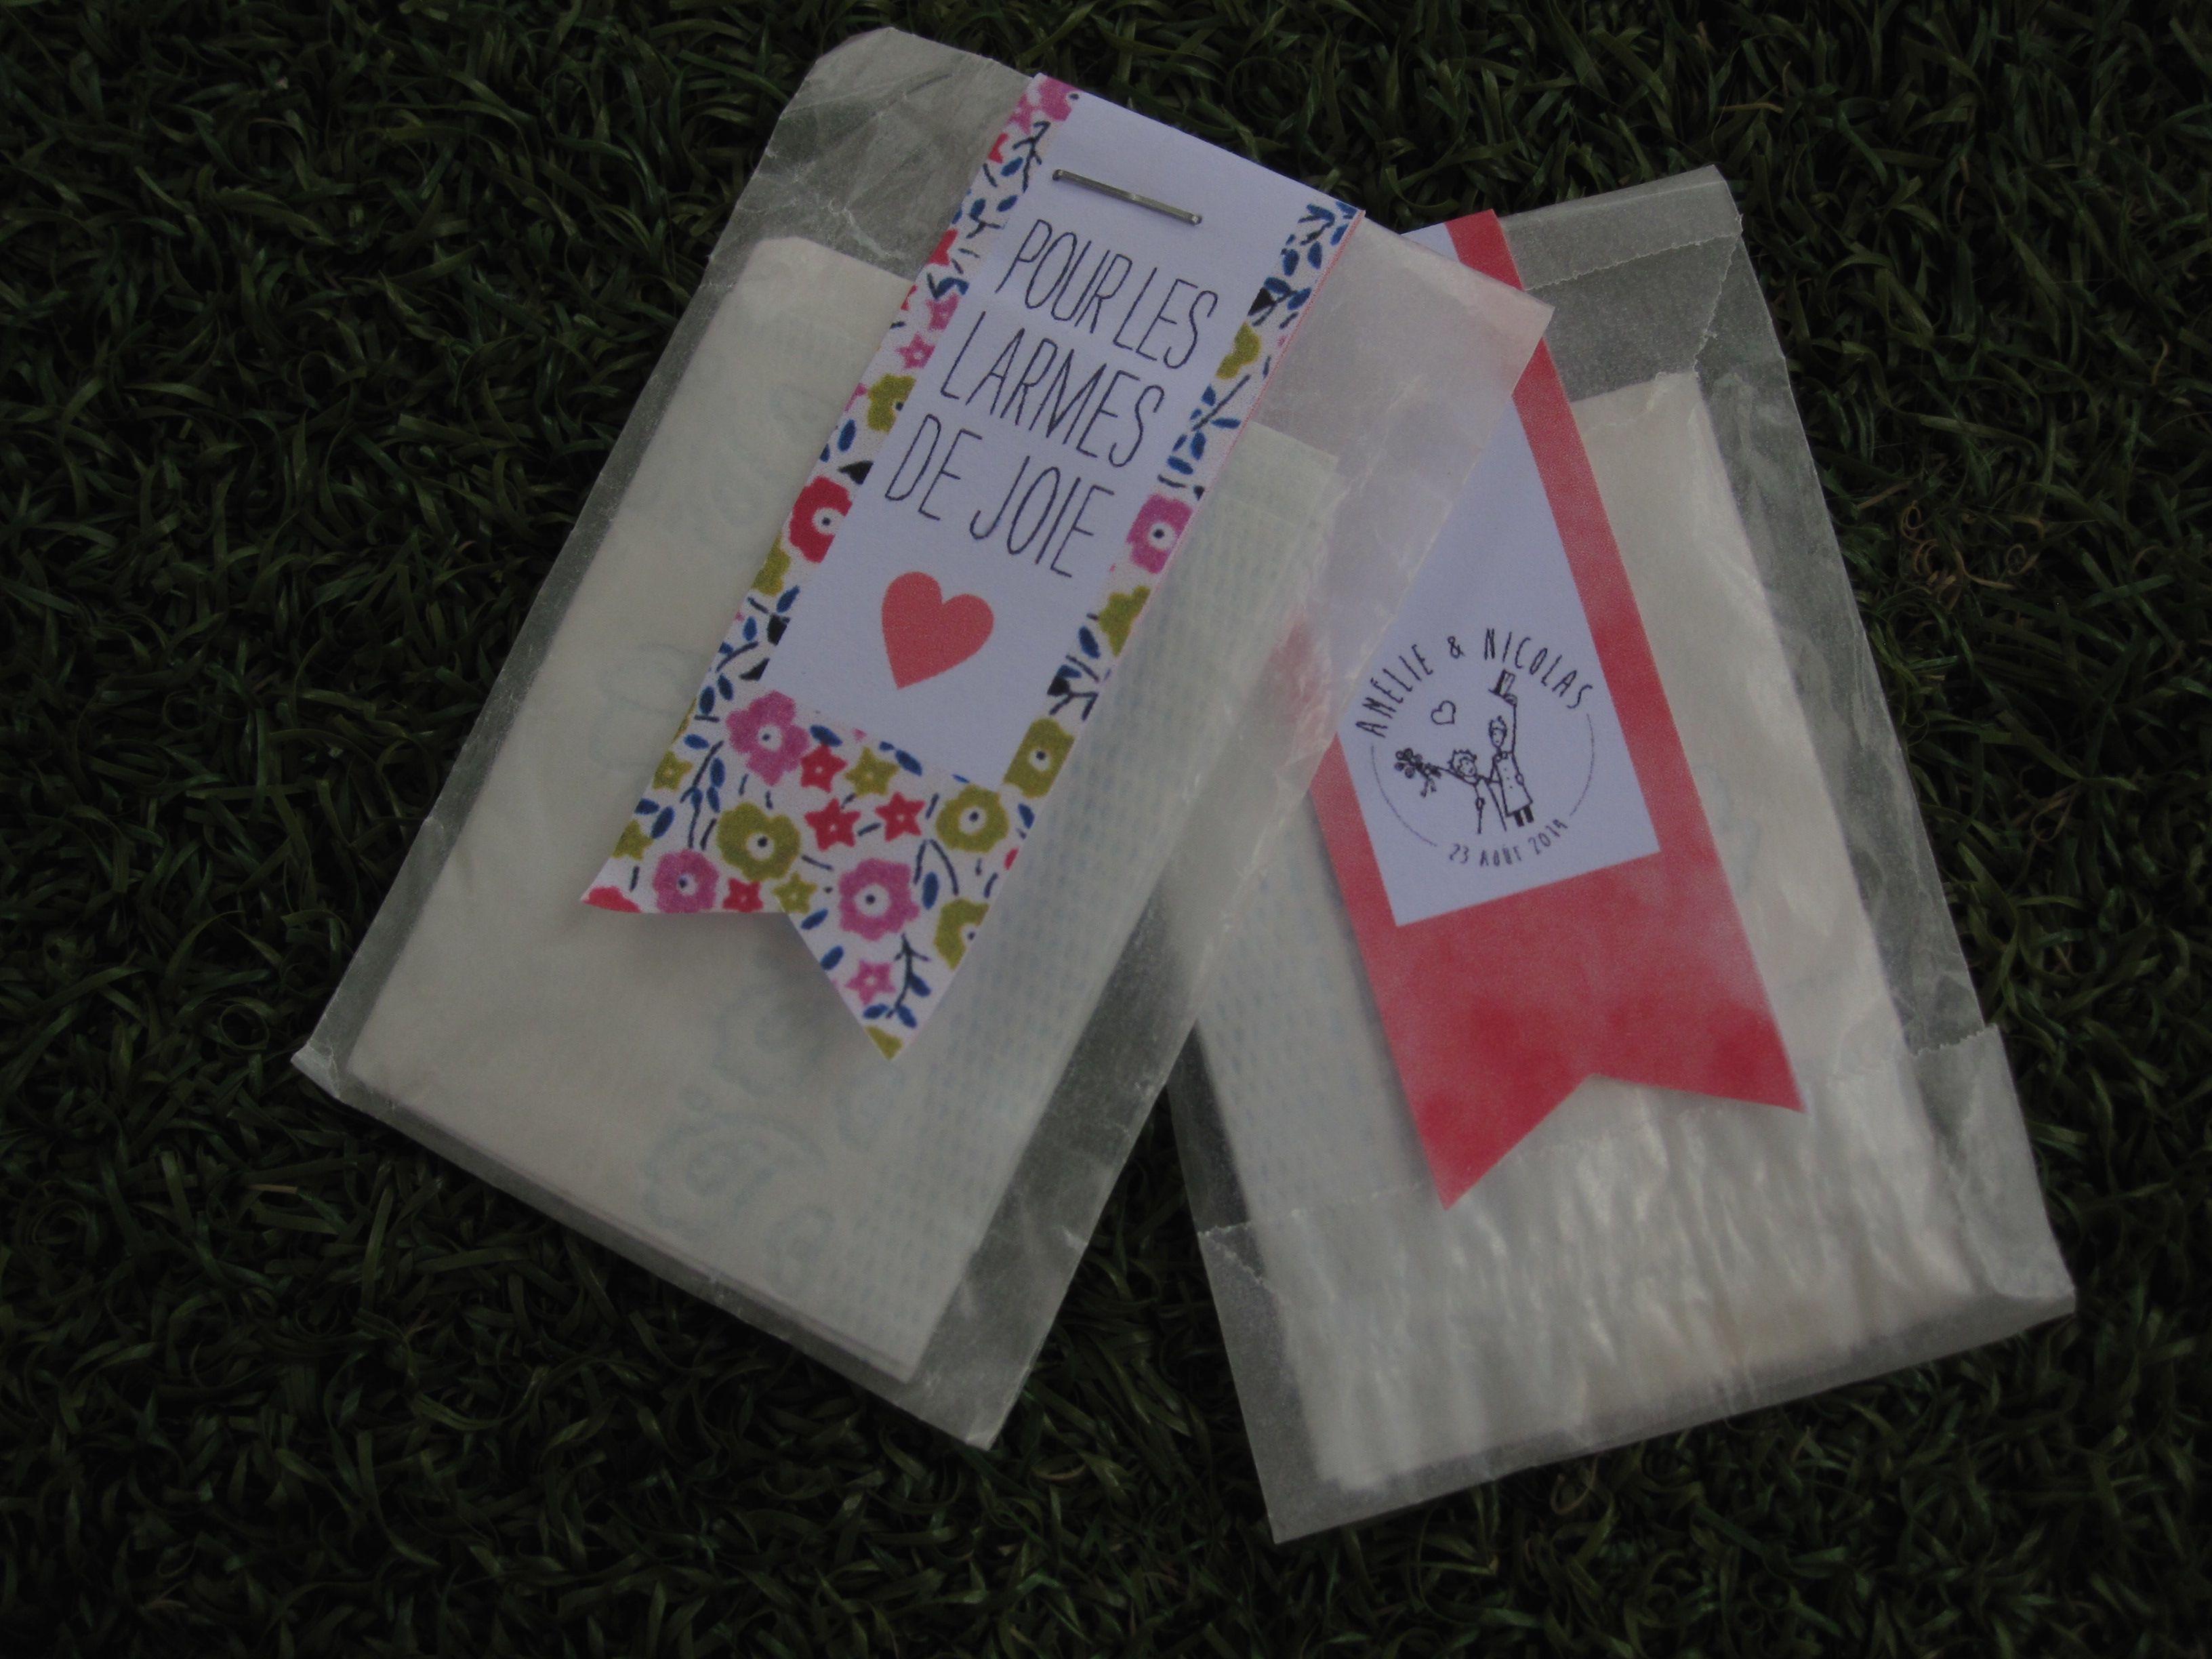 Pochette mouchoirs à glisser dans les carnets de cérémonie pour les invités émotifs!